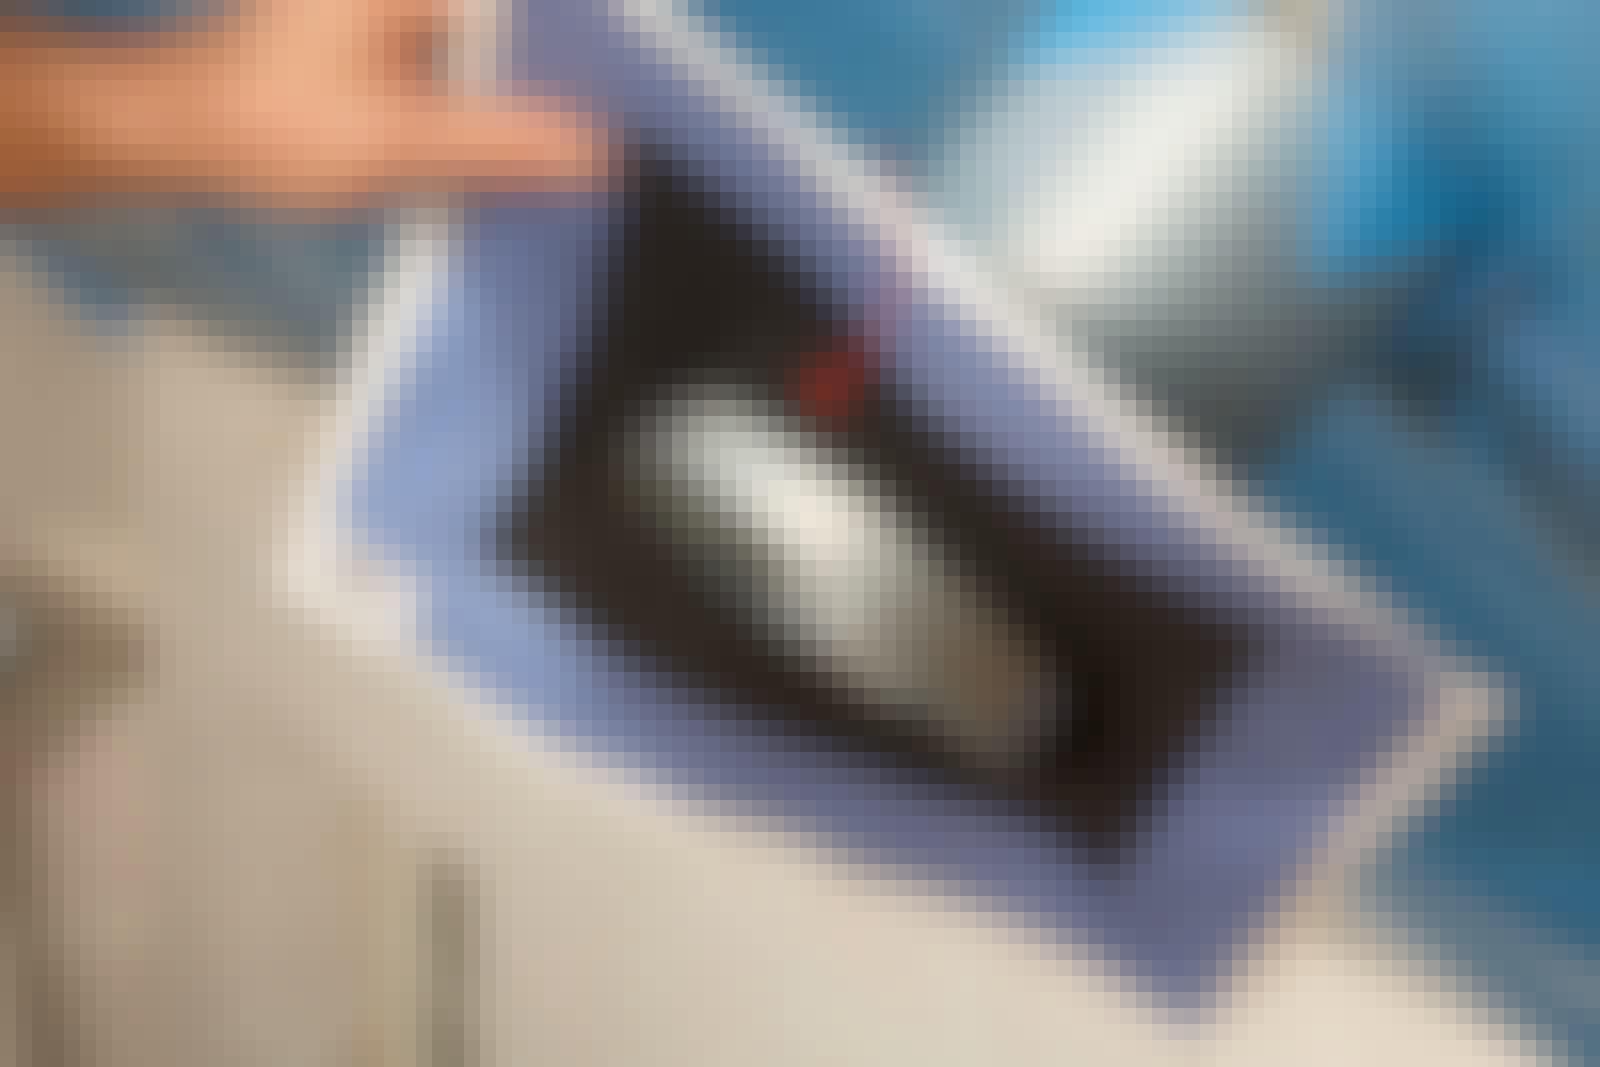 Dampspærre: Sådan tætner du dampspærren rundt om rør